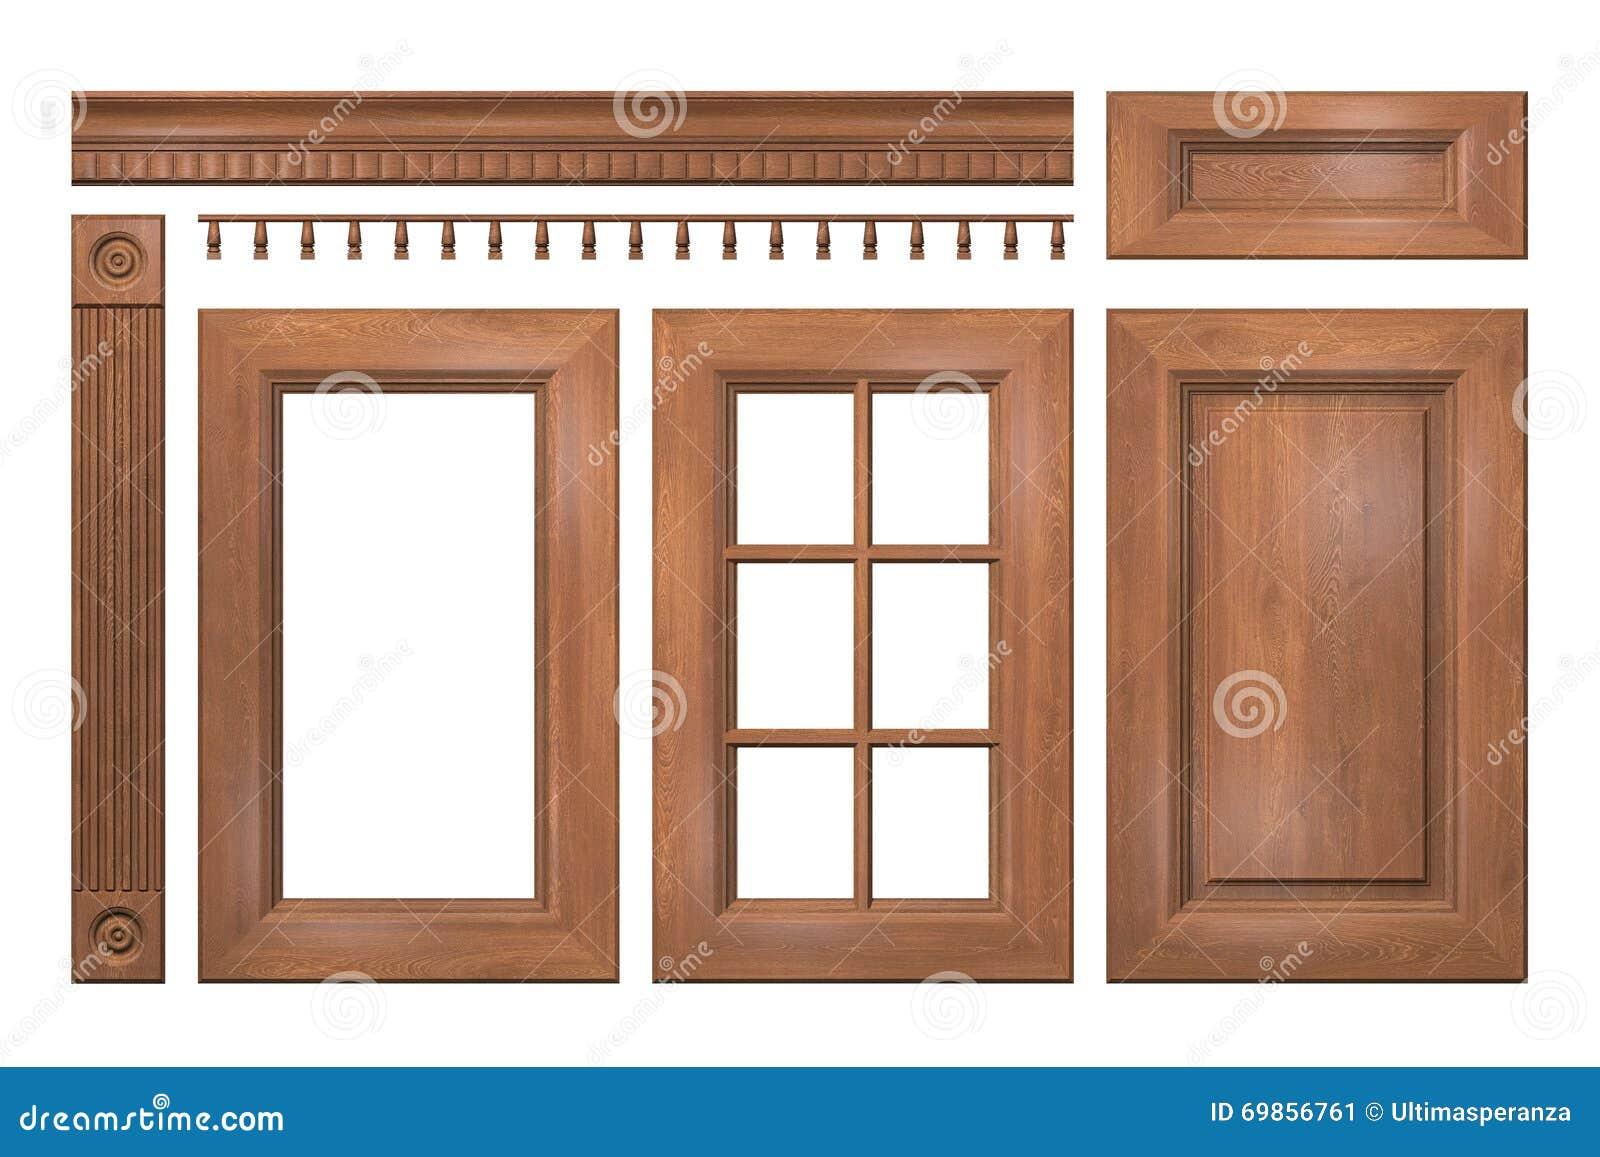 Colecci n delantera de puertas de madera caj n columna - Puertas de madera de cocina ...